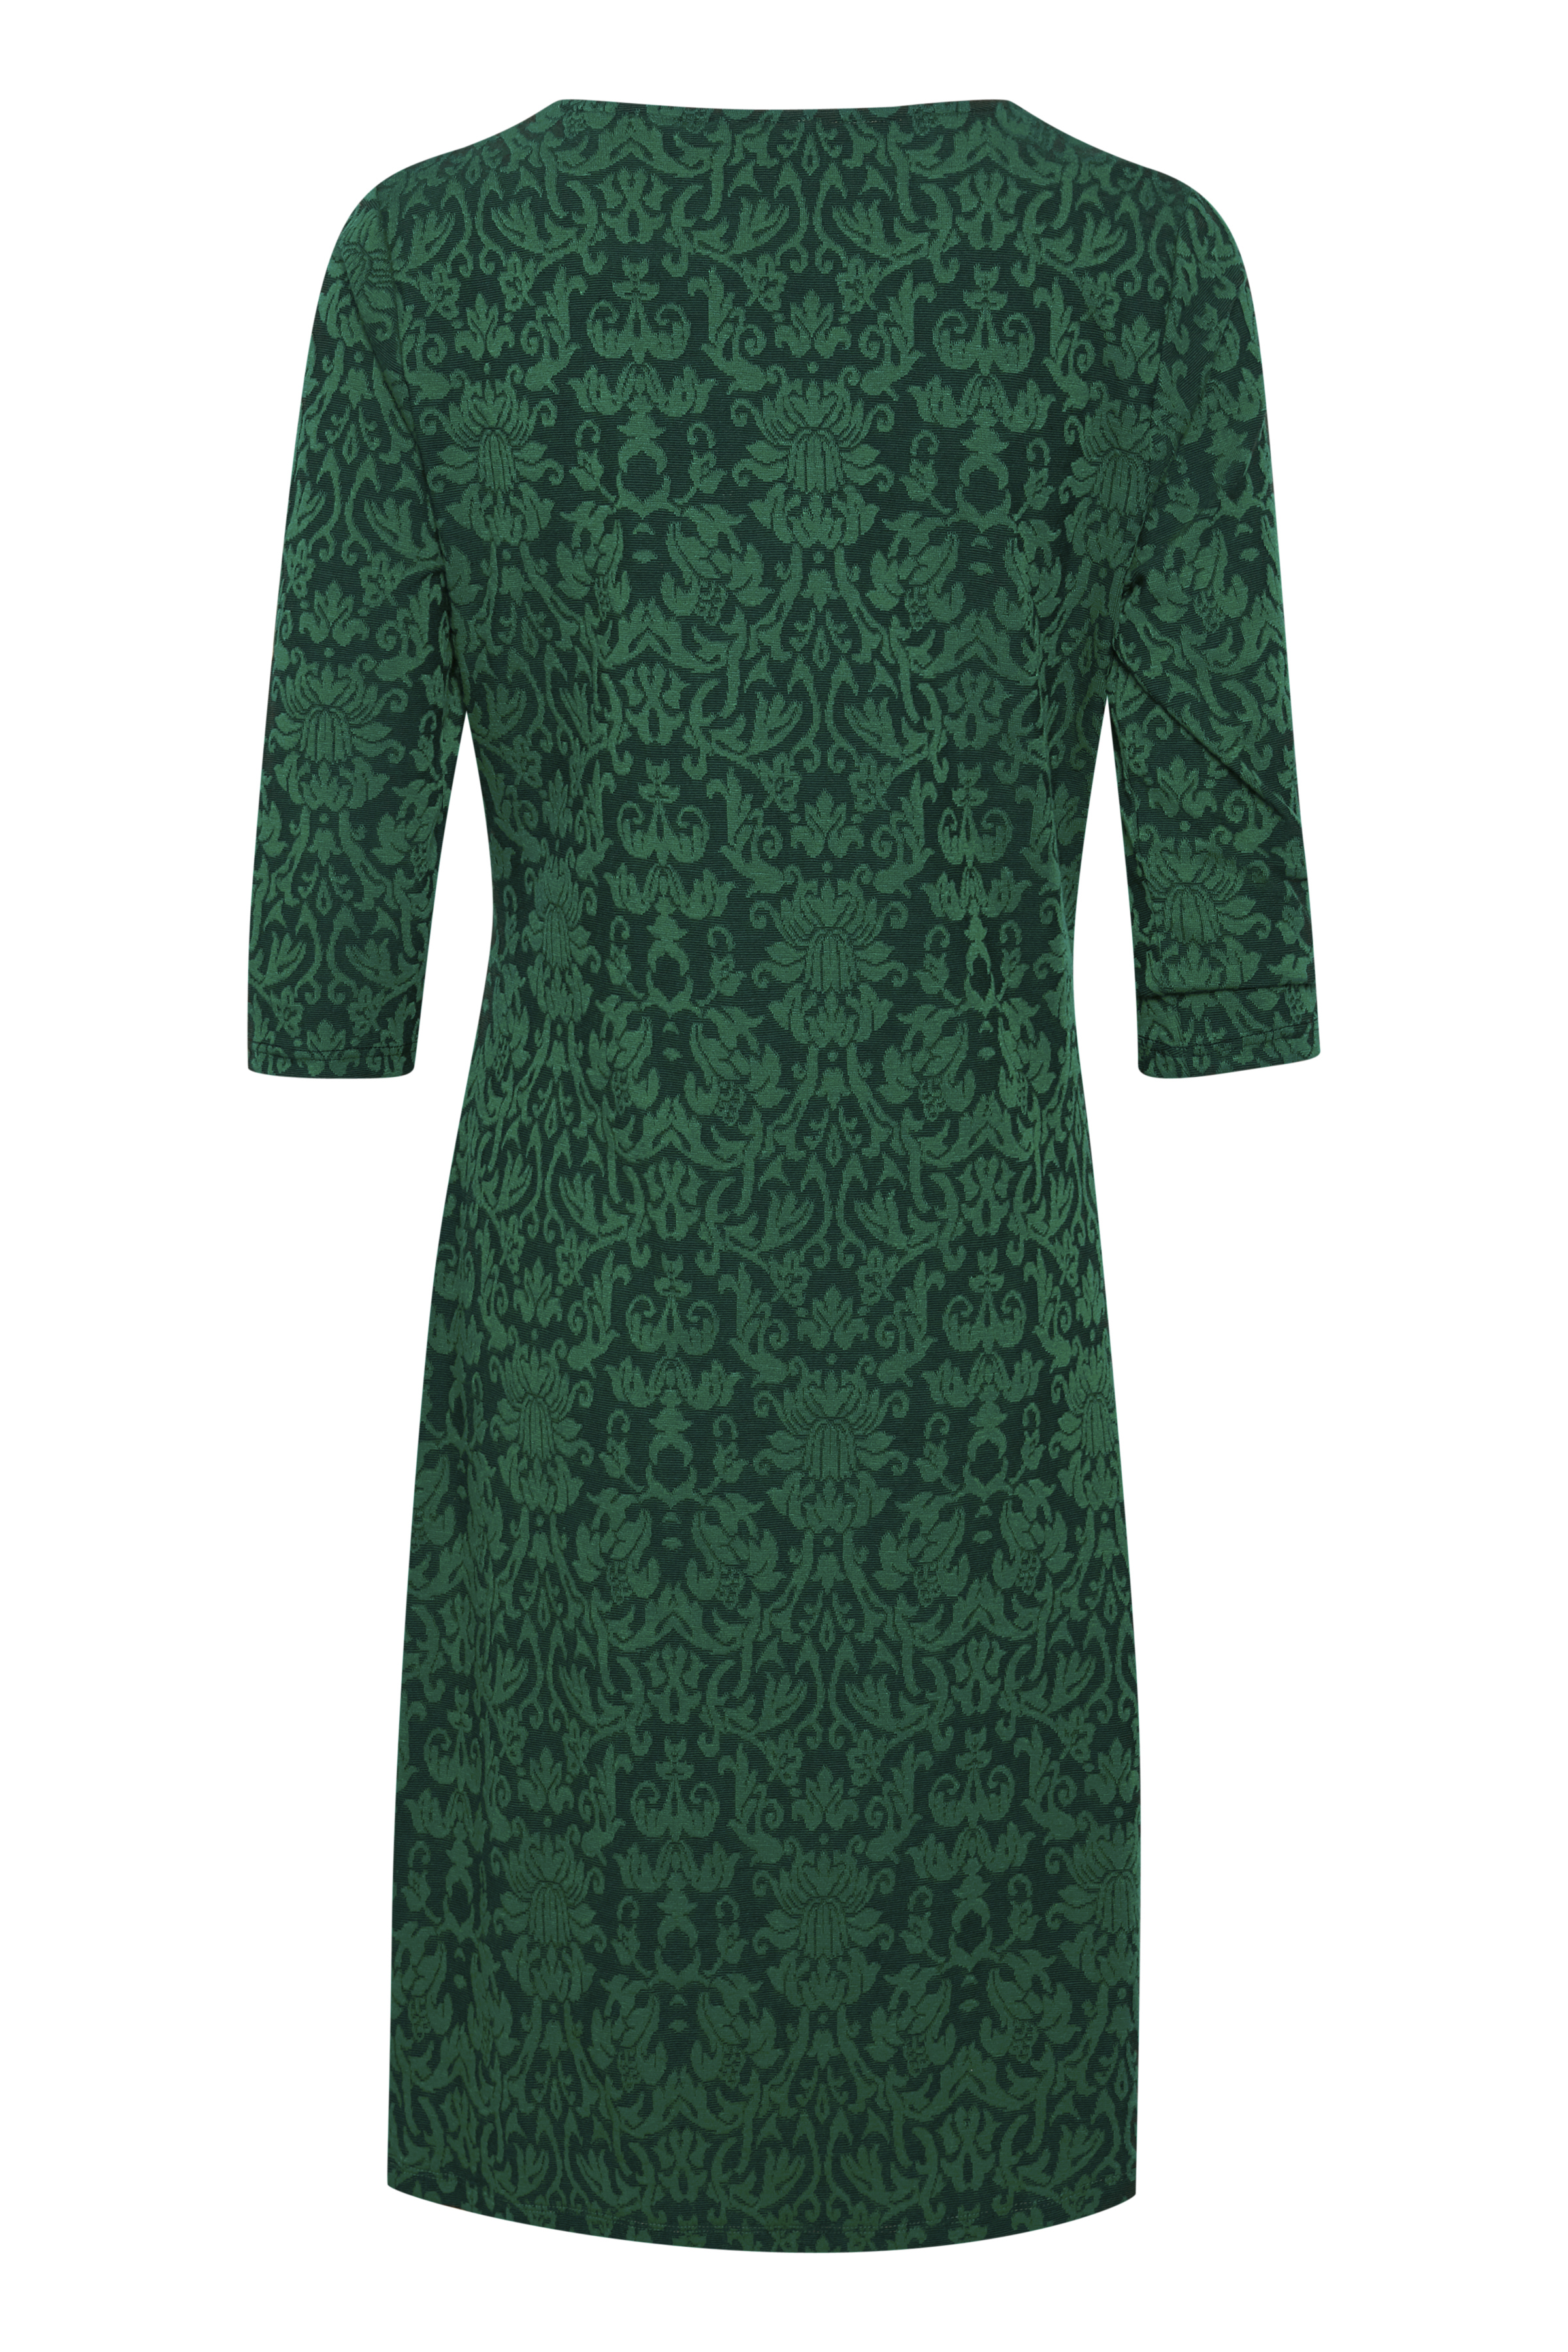 Mörkgrön Klänning från Bon'A Parte – Köp Mörkgrön Klänning från stl. S-2XL här